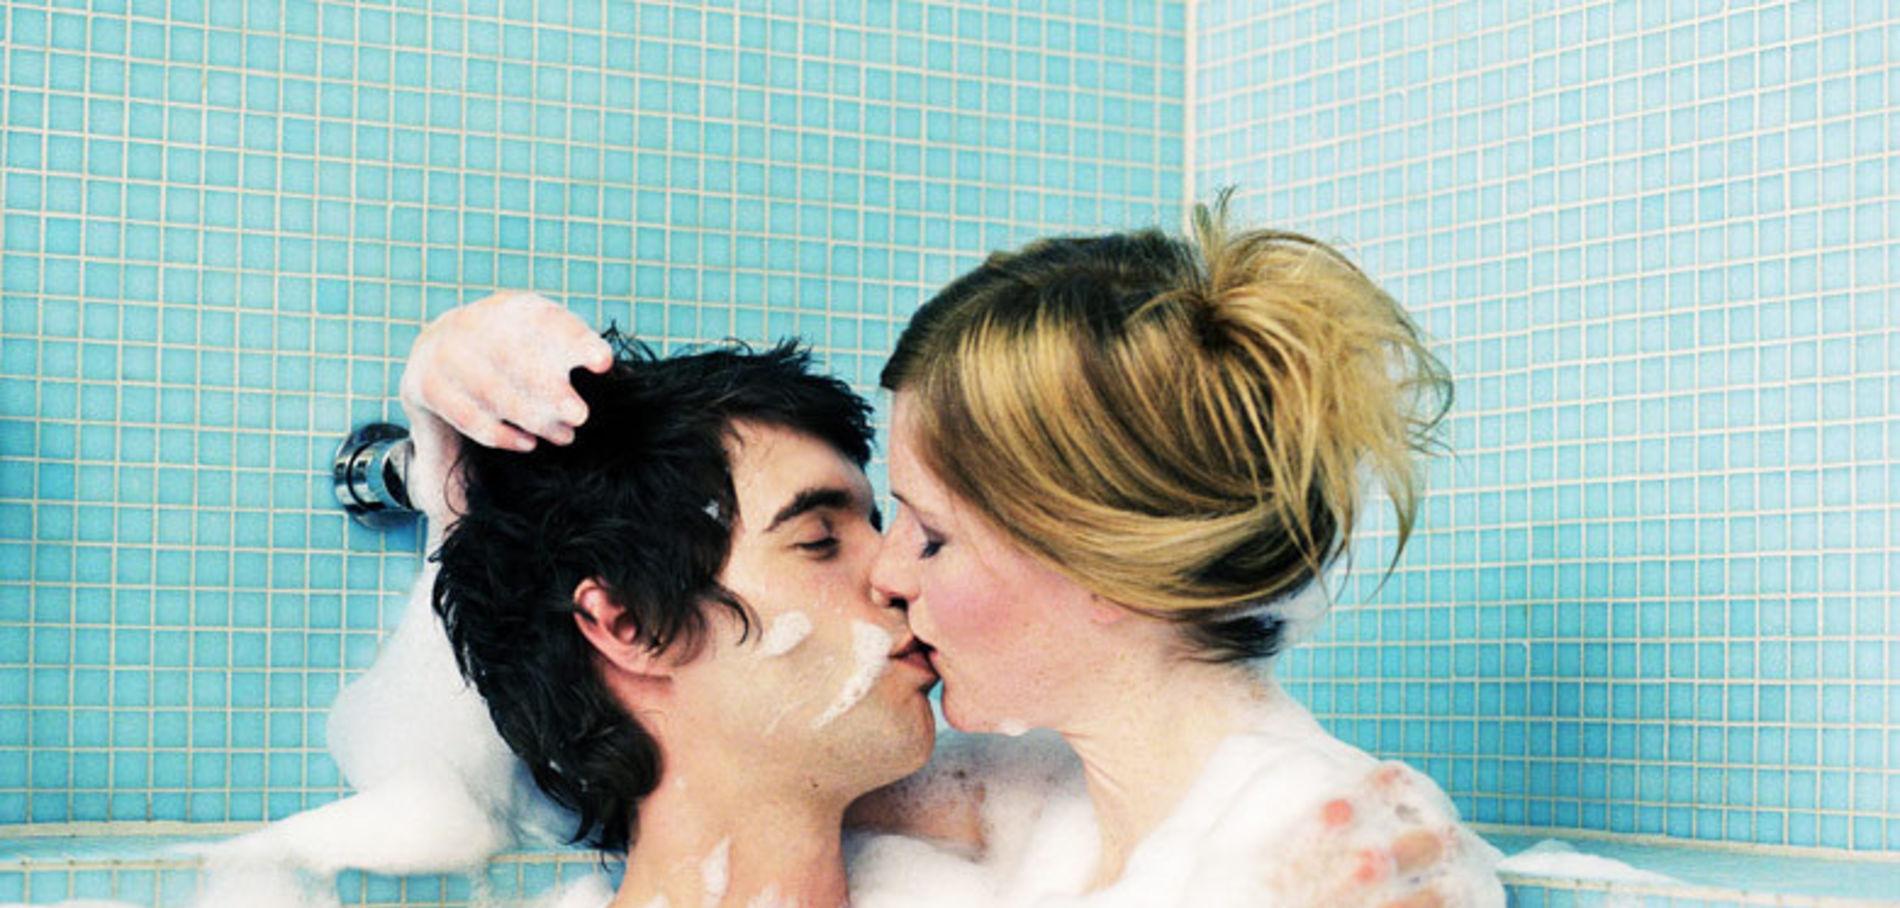 Rencontre libertine : Quel est le meilleur moyen pour trouver votre partenaire sur internet ?